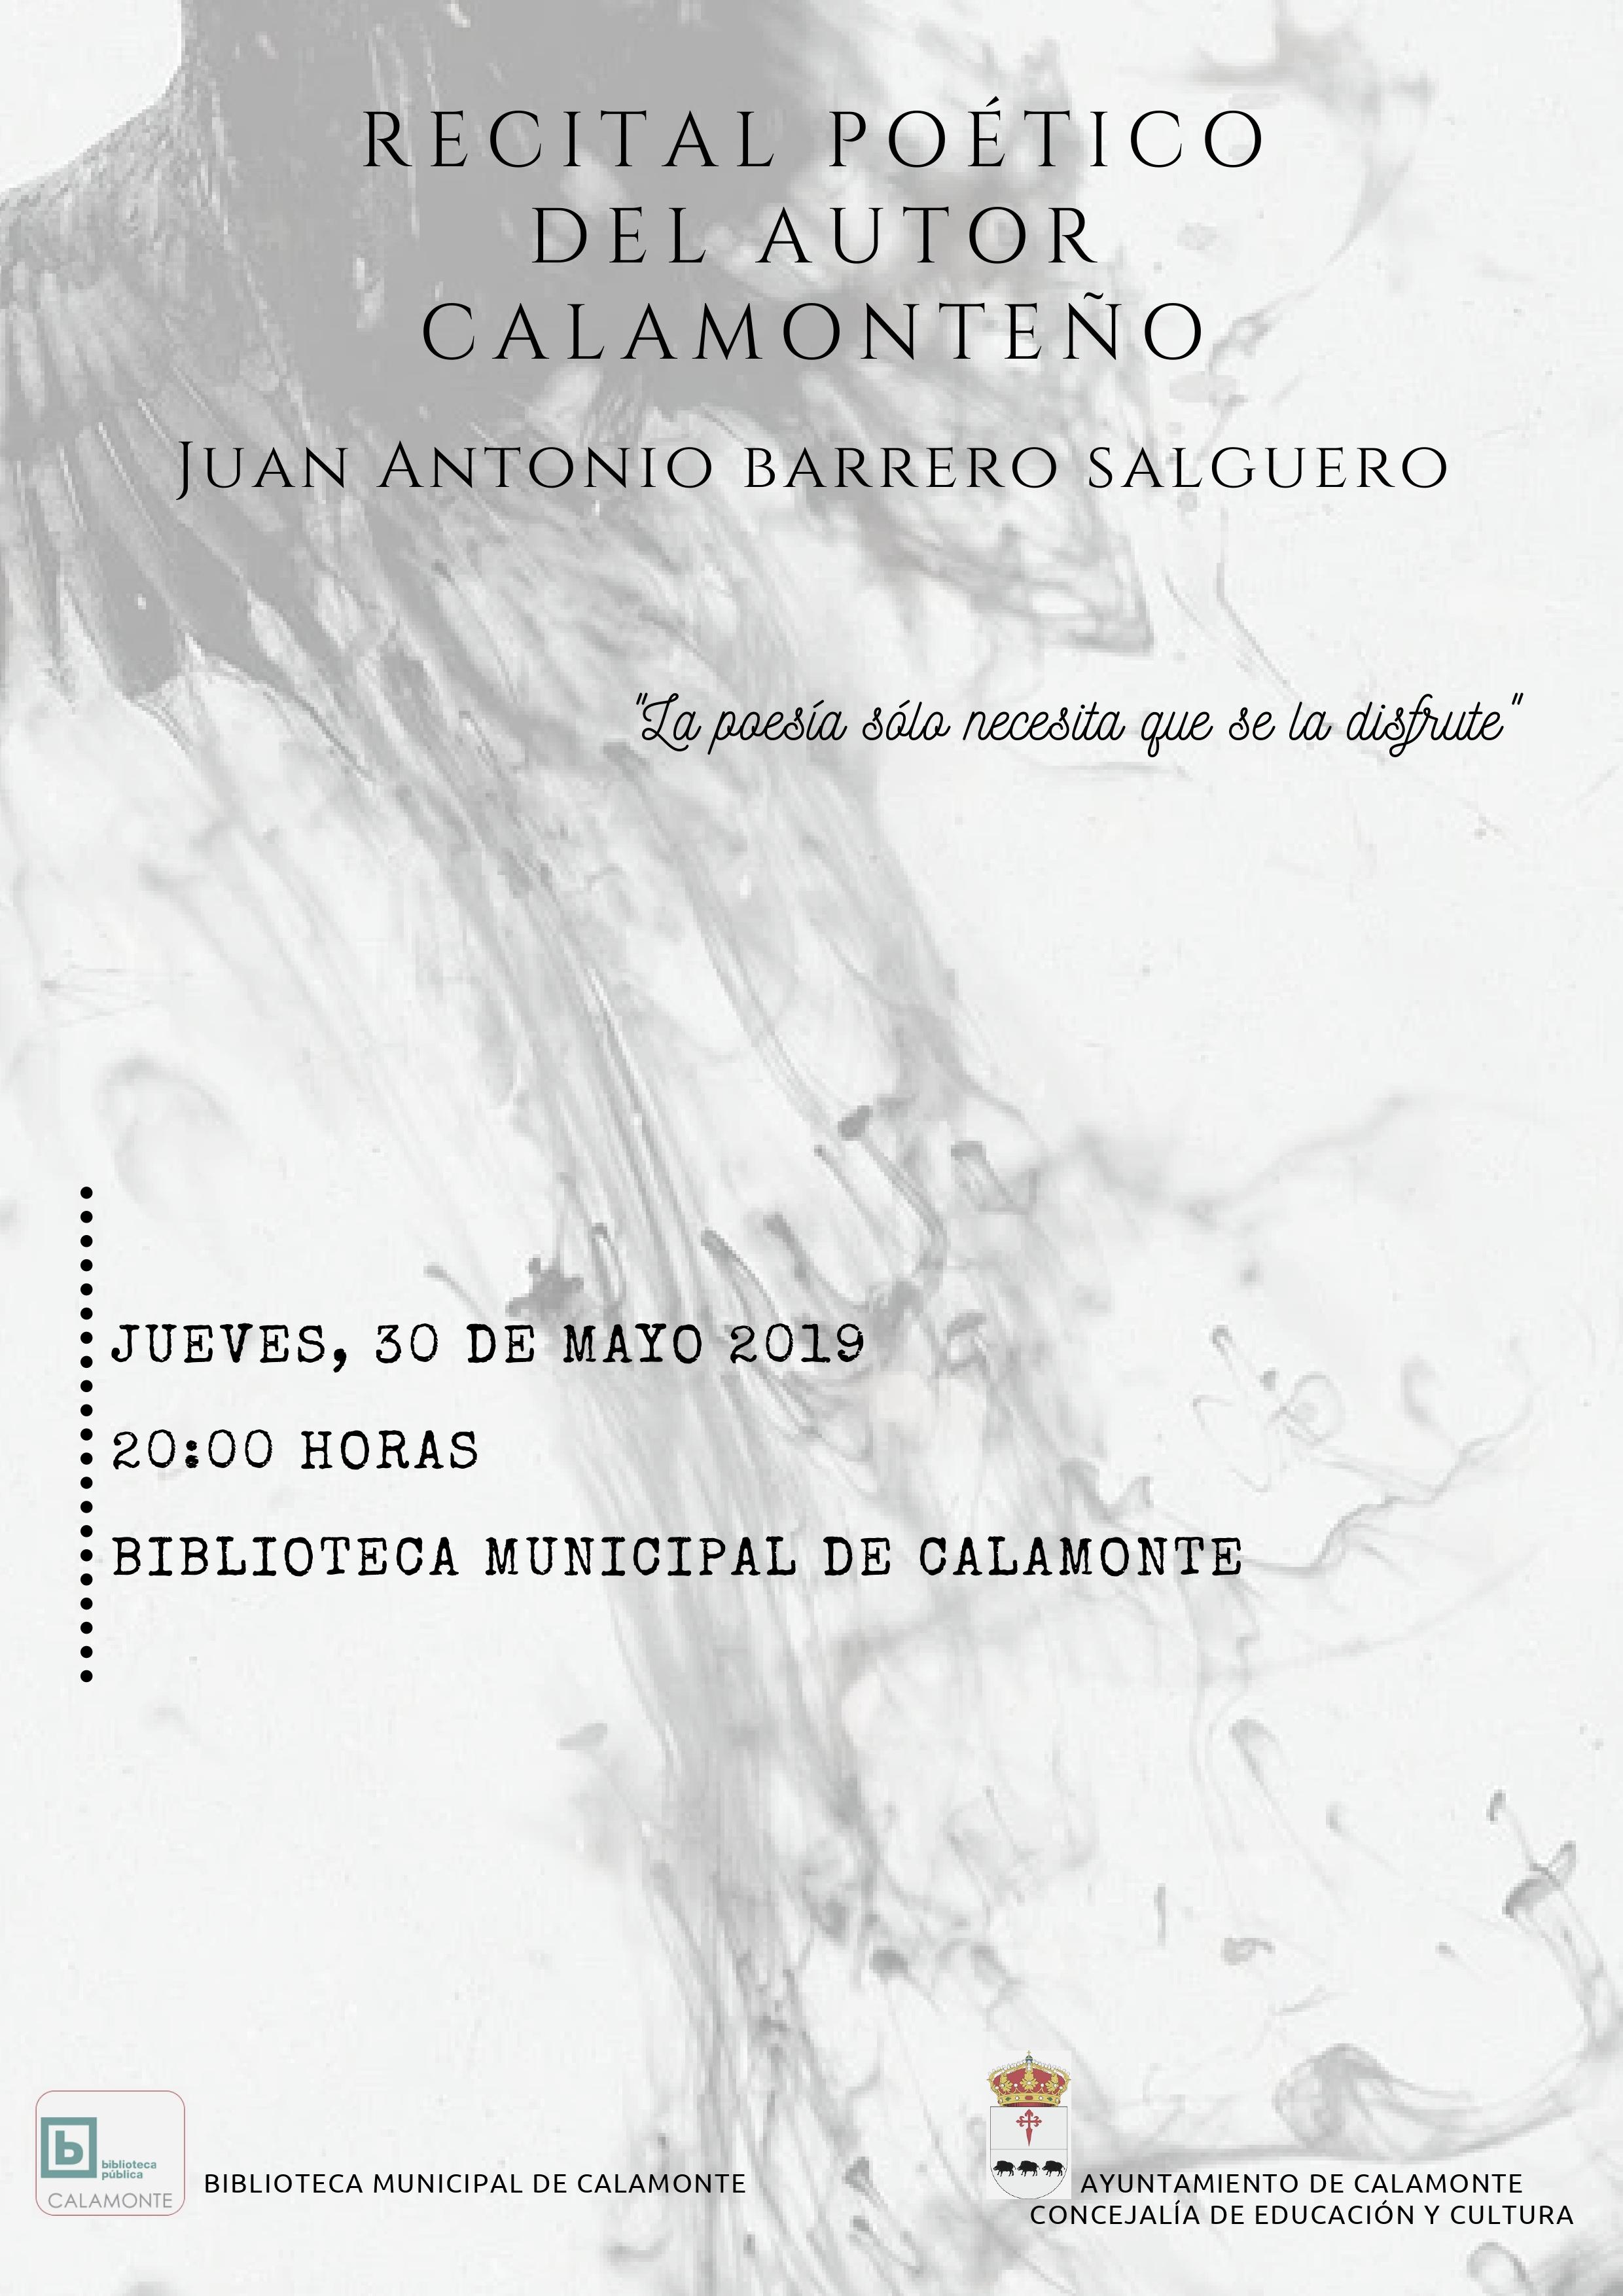 recital poético del autor calamonteño (2)_page-0001